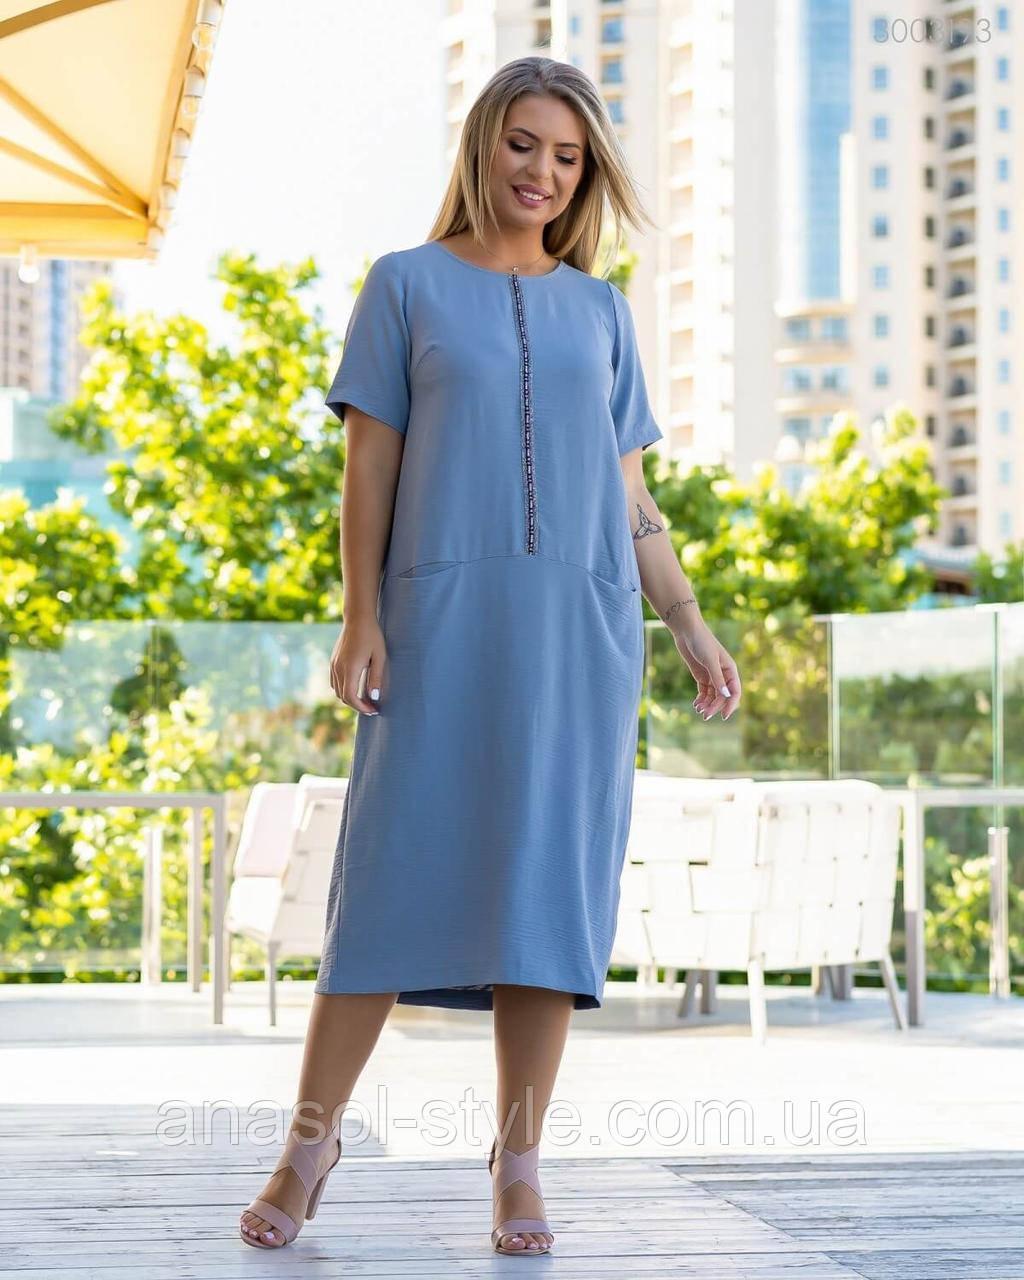 Платье Мумбай трикотажное летнее свободного фасона с карманами джинсовый